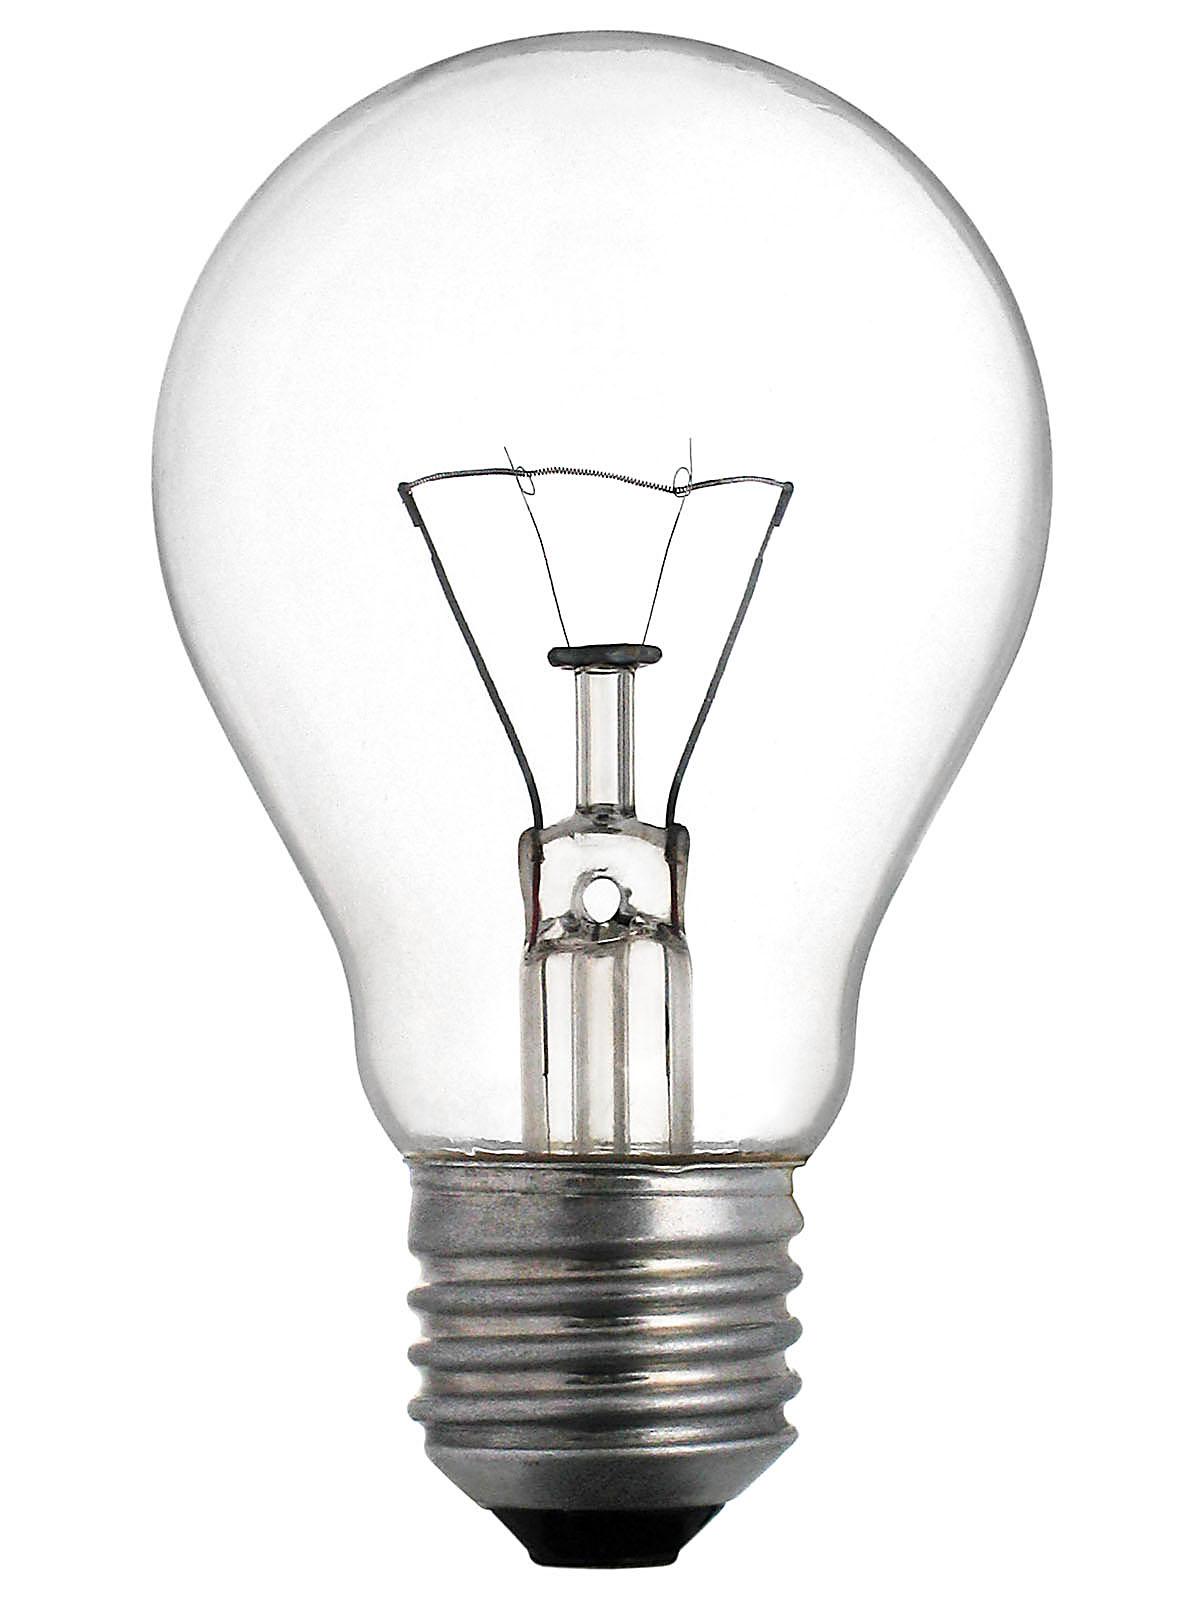 In the light bulb room 8